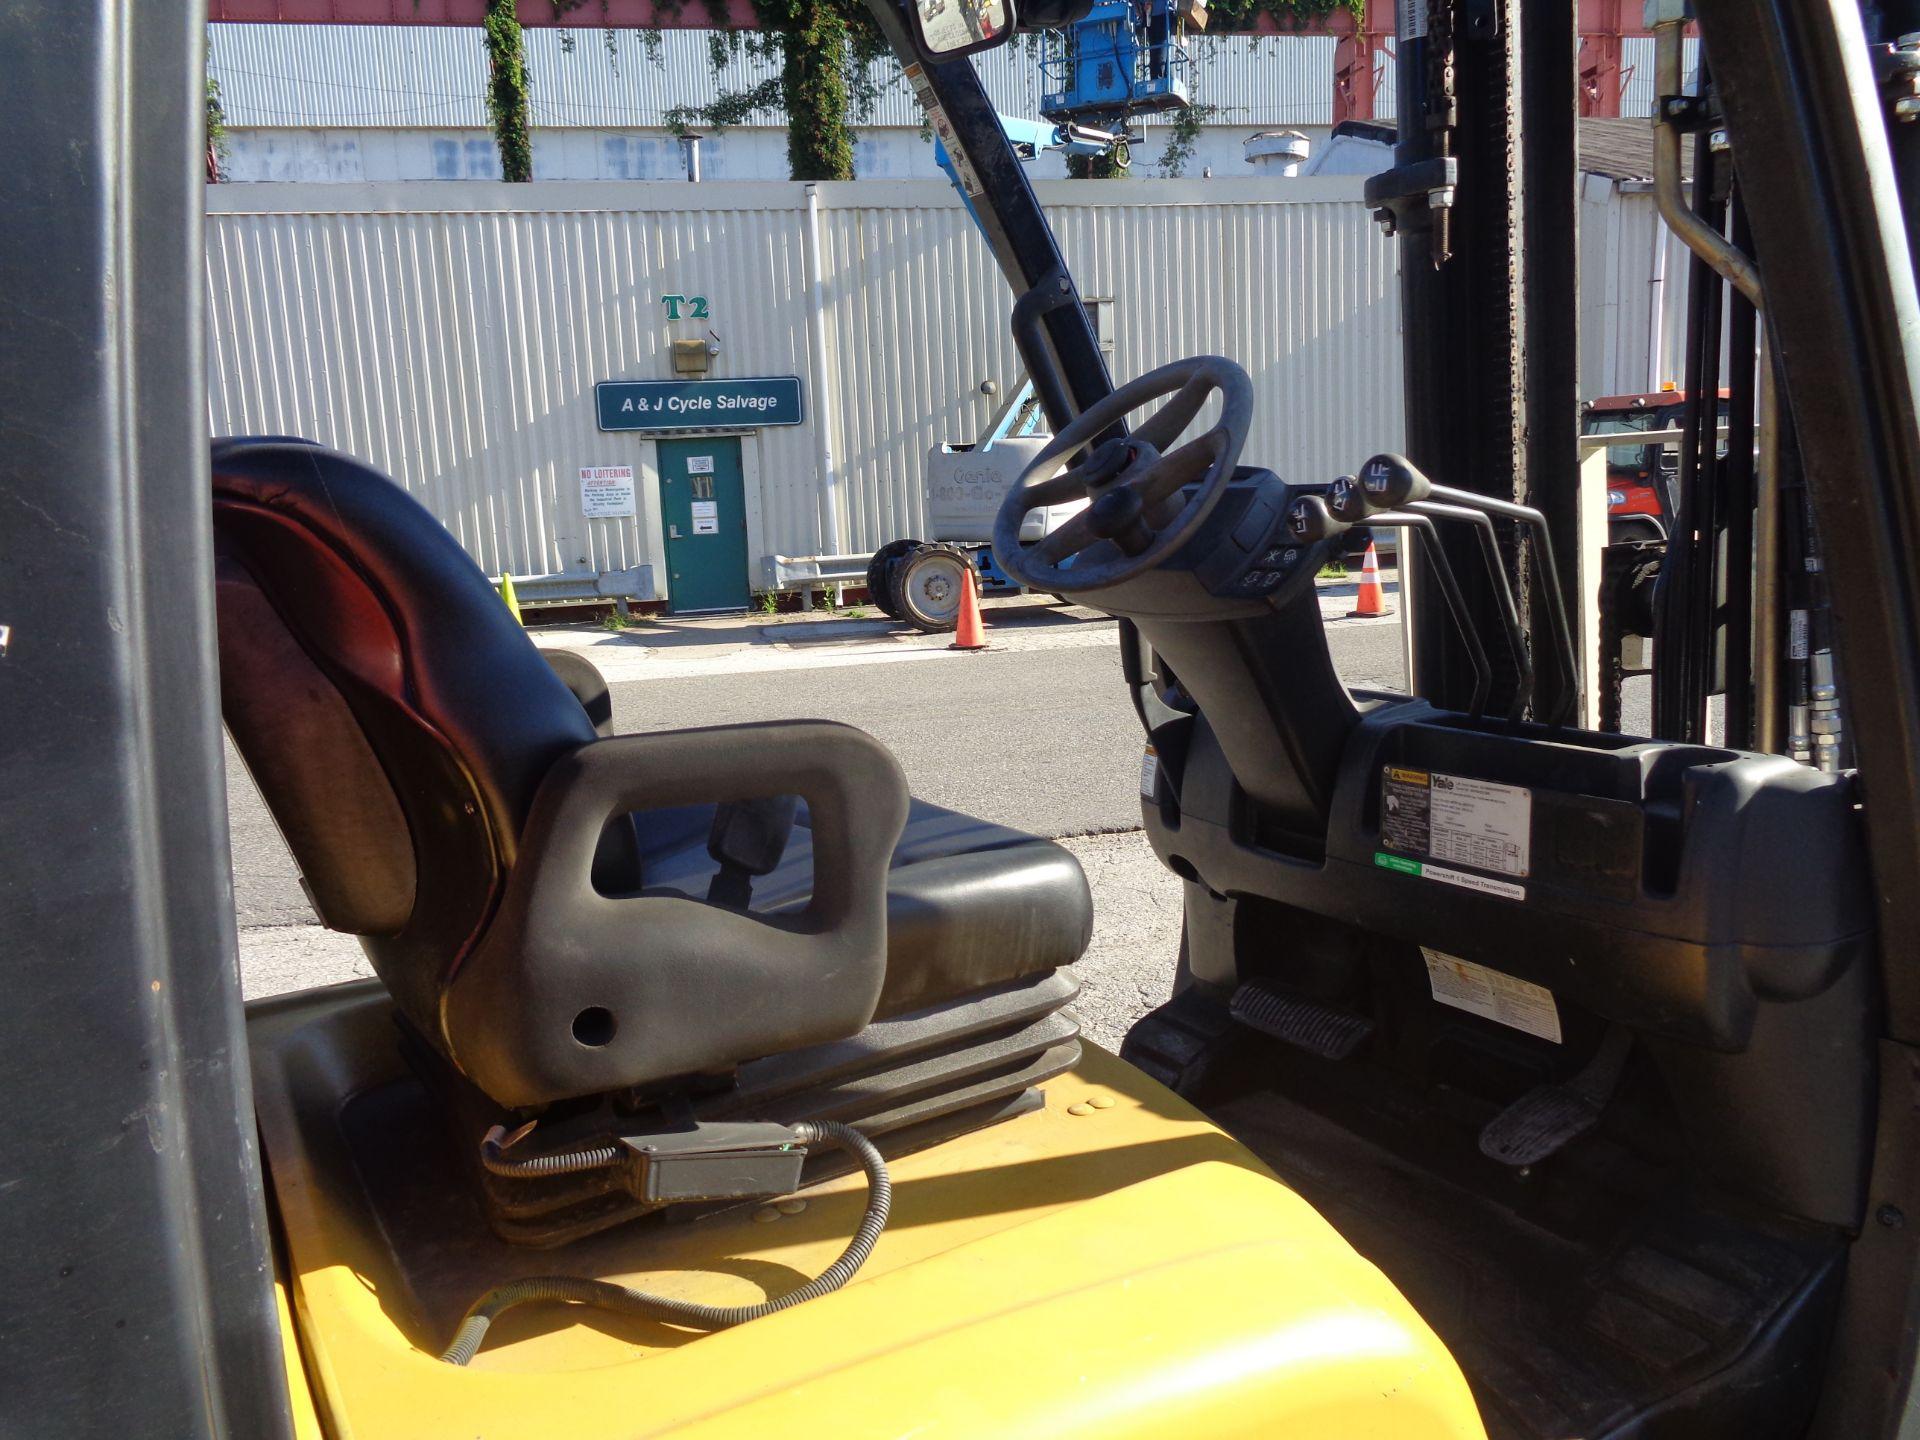 2014 Yale GLC050VXNVRE088 5,000 lb Forklift - Image 11 of 11